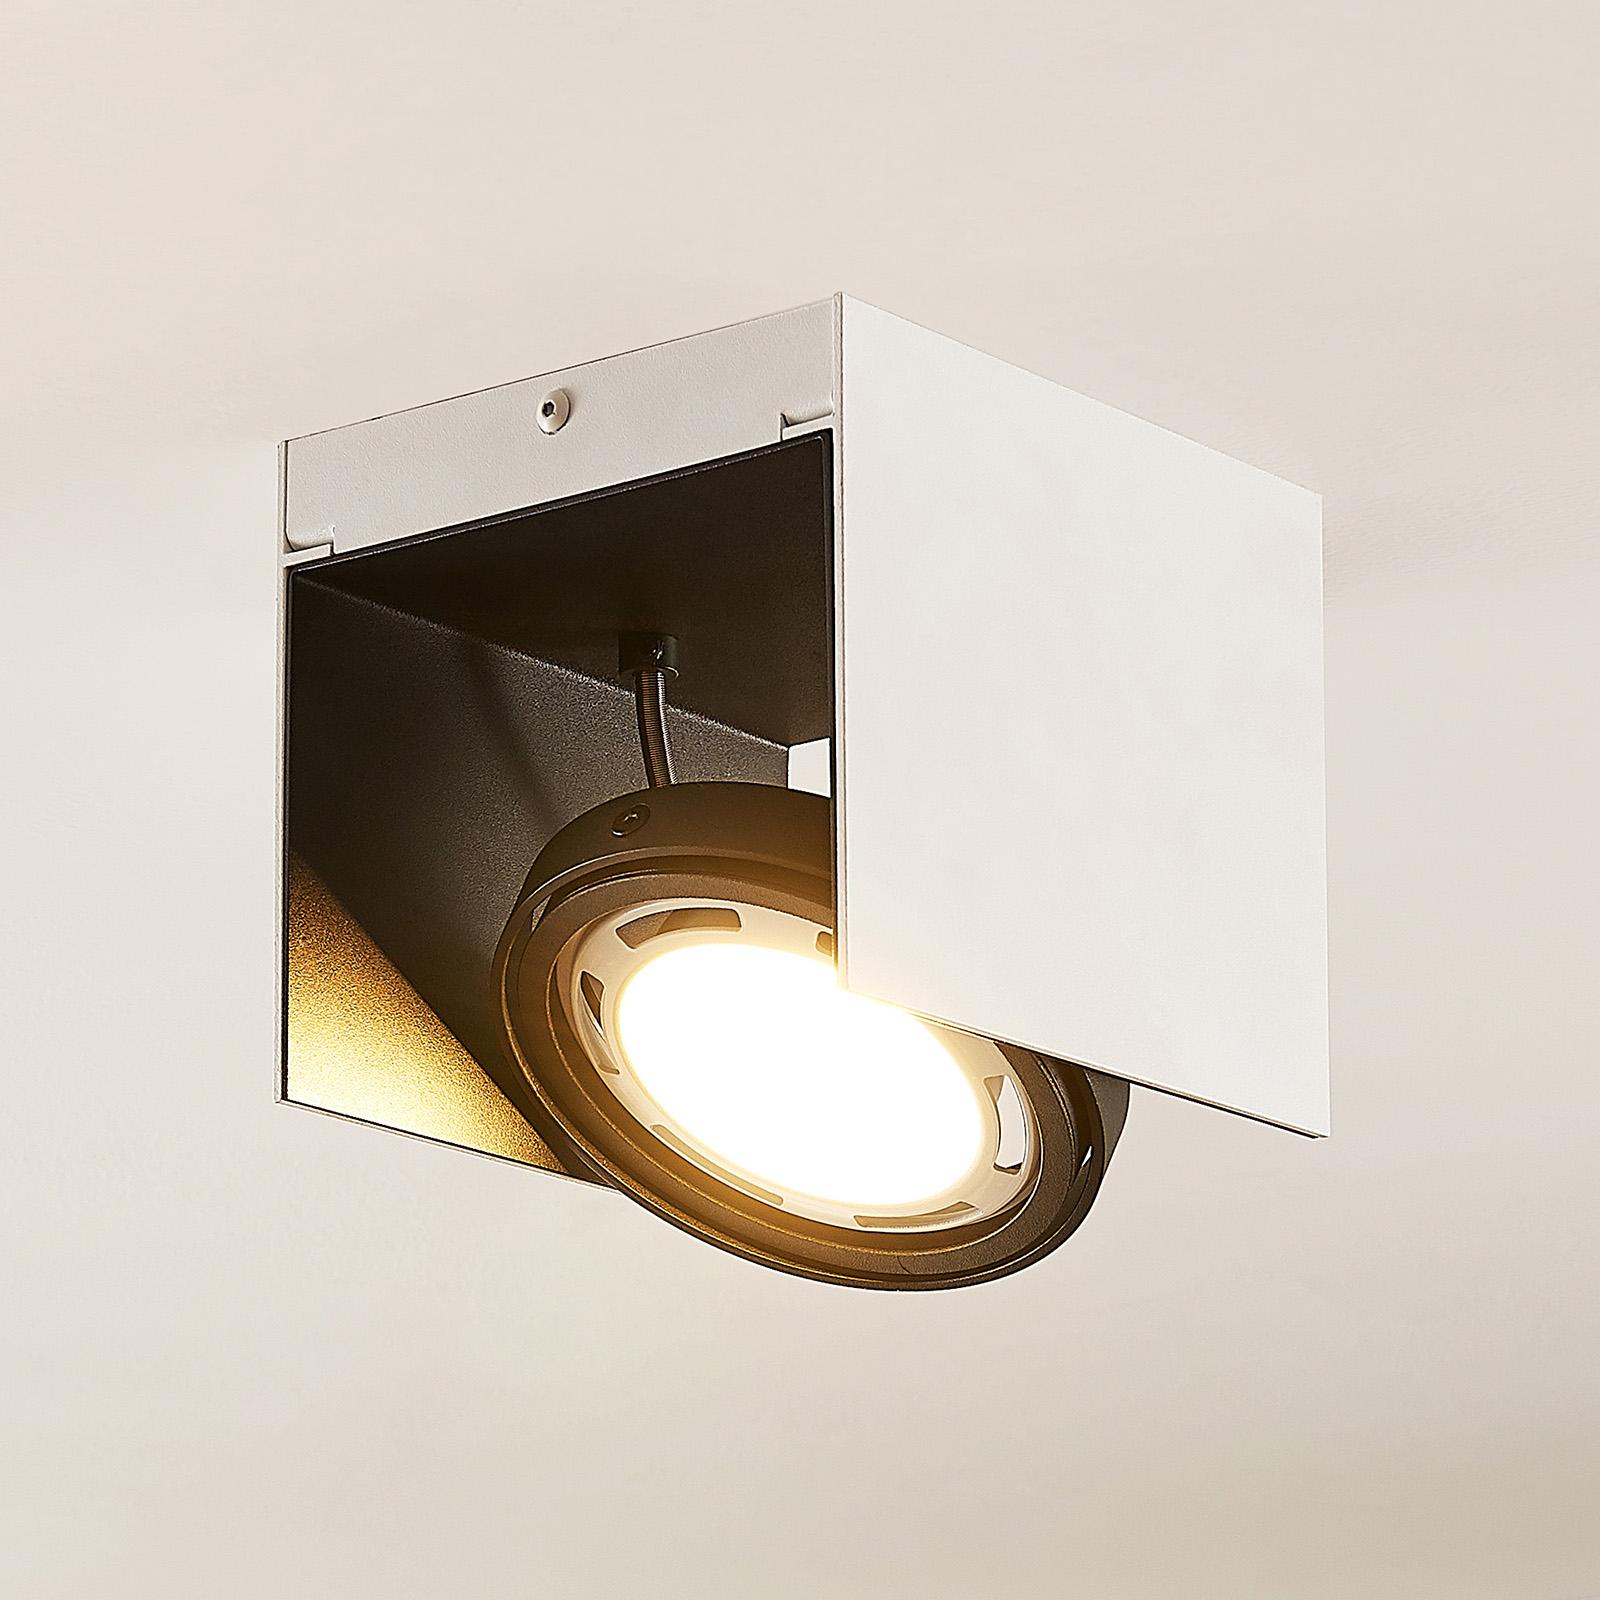 Arcchio Ocula spot sufitowy LED GU10, 1-punktowy